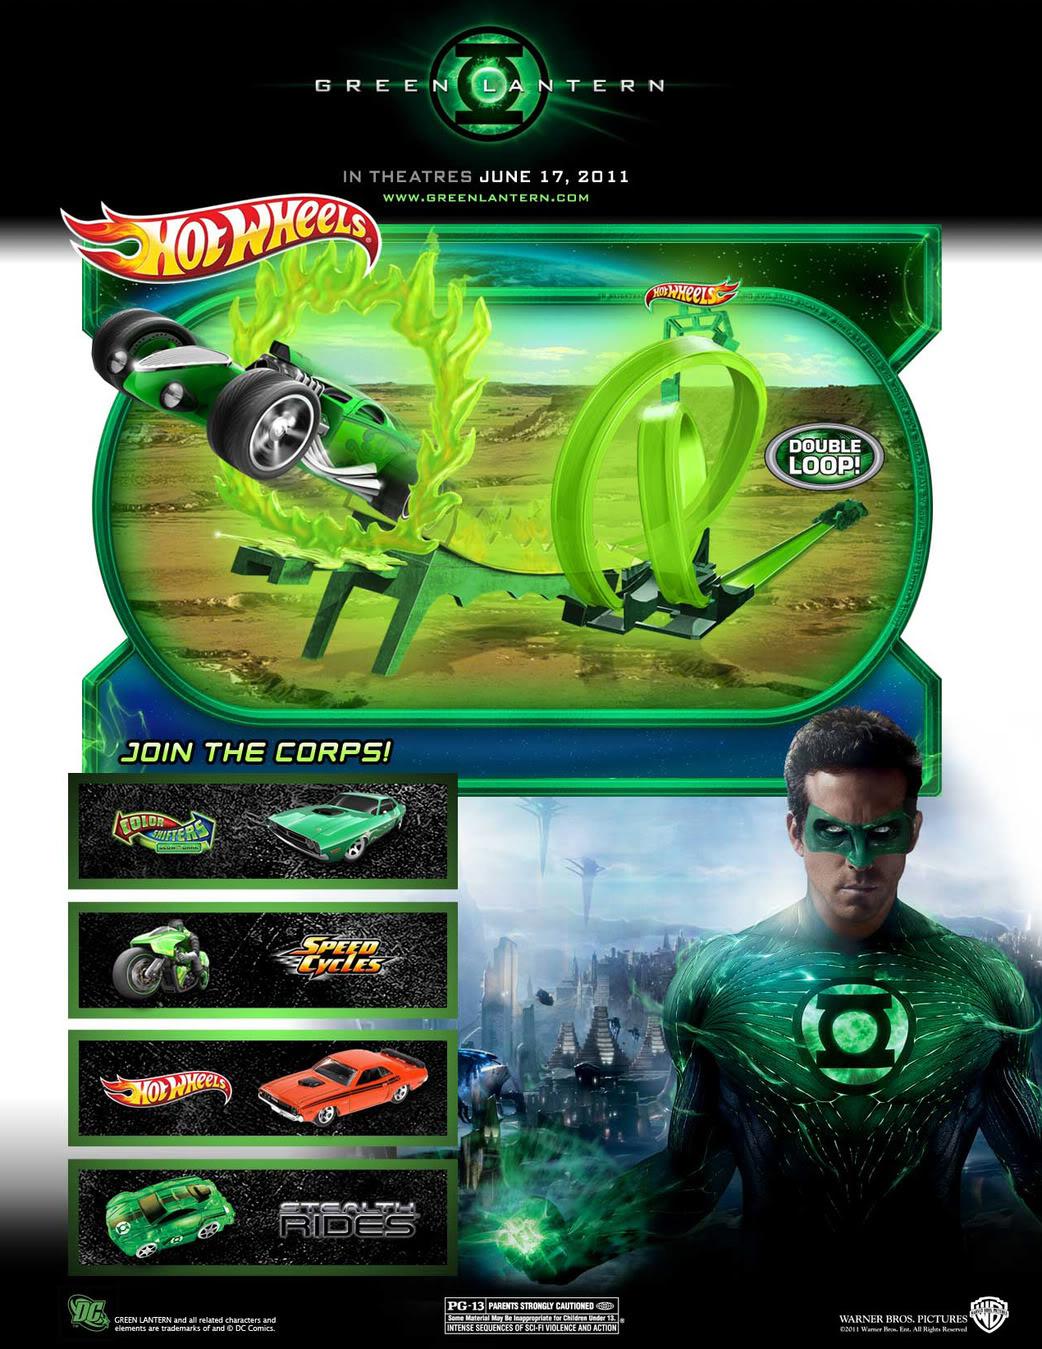 [Mattel] [Tópico Oficial] Figuras do filme Lanterna Verde! - Página 11 HotWheels